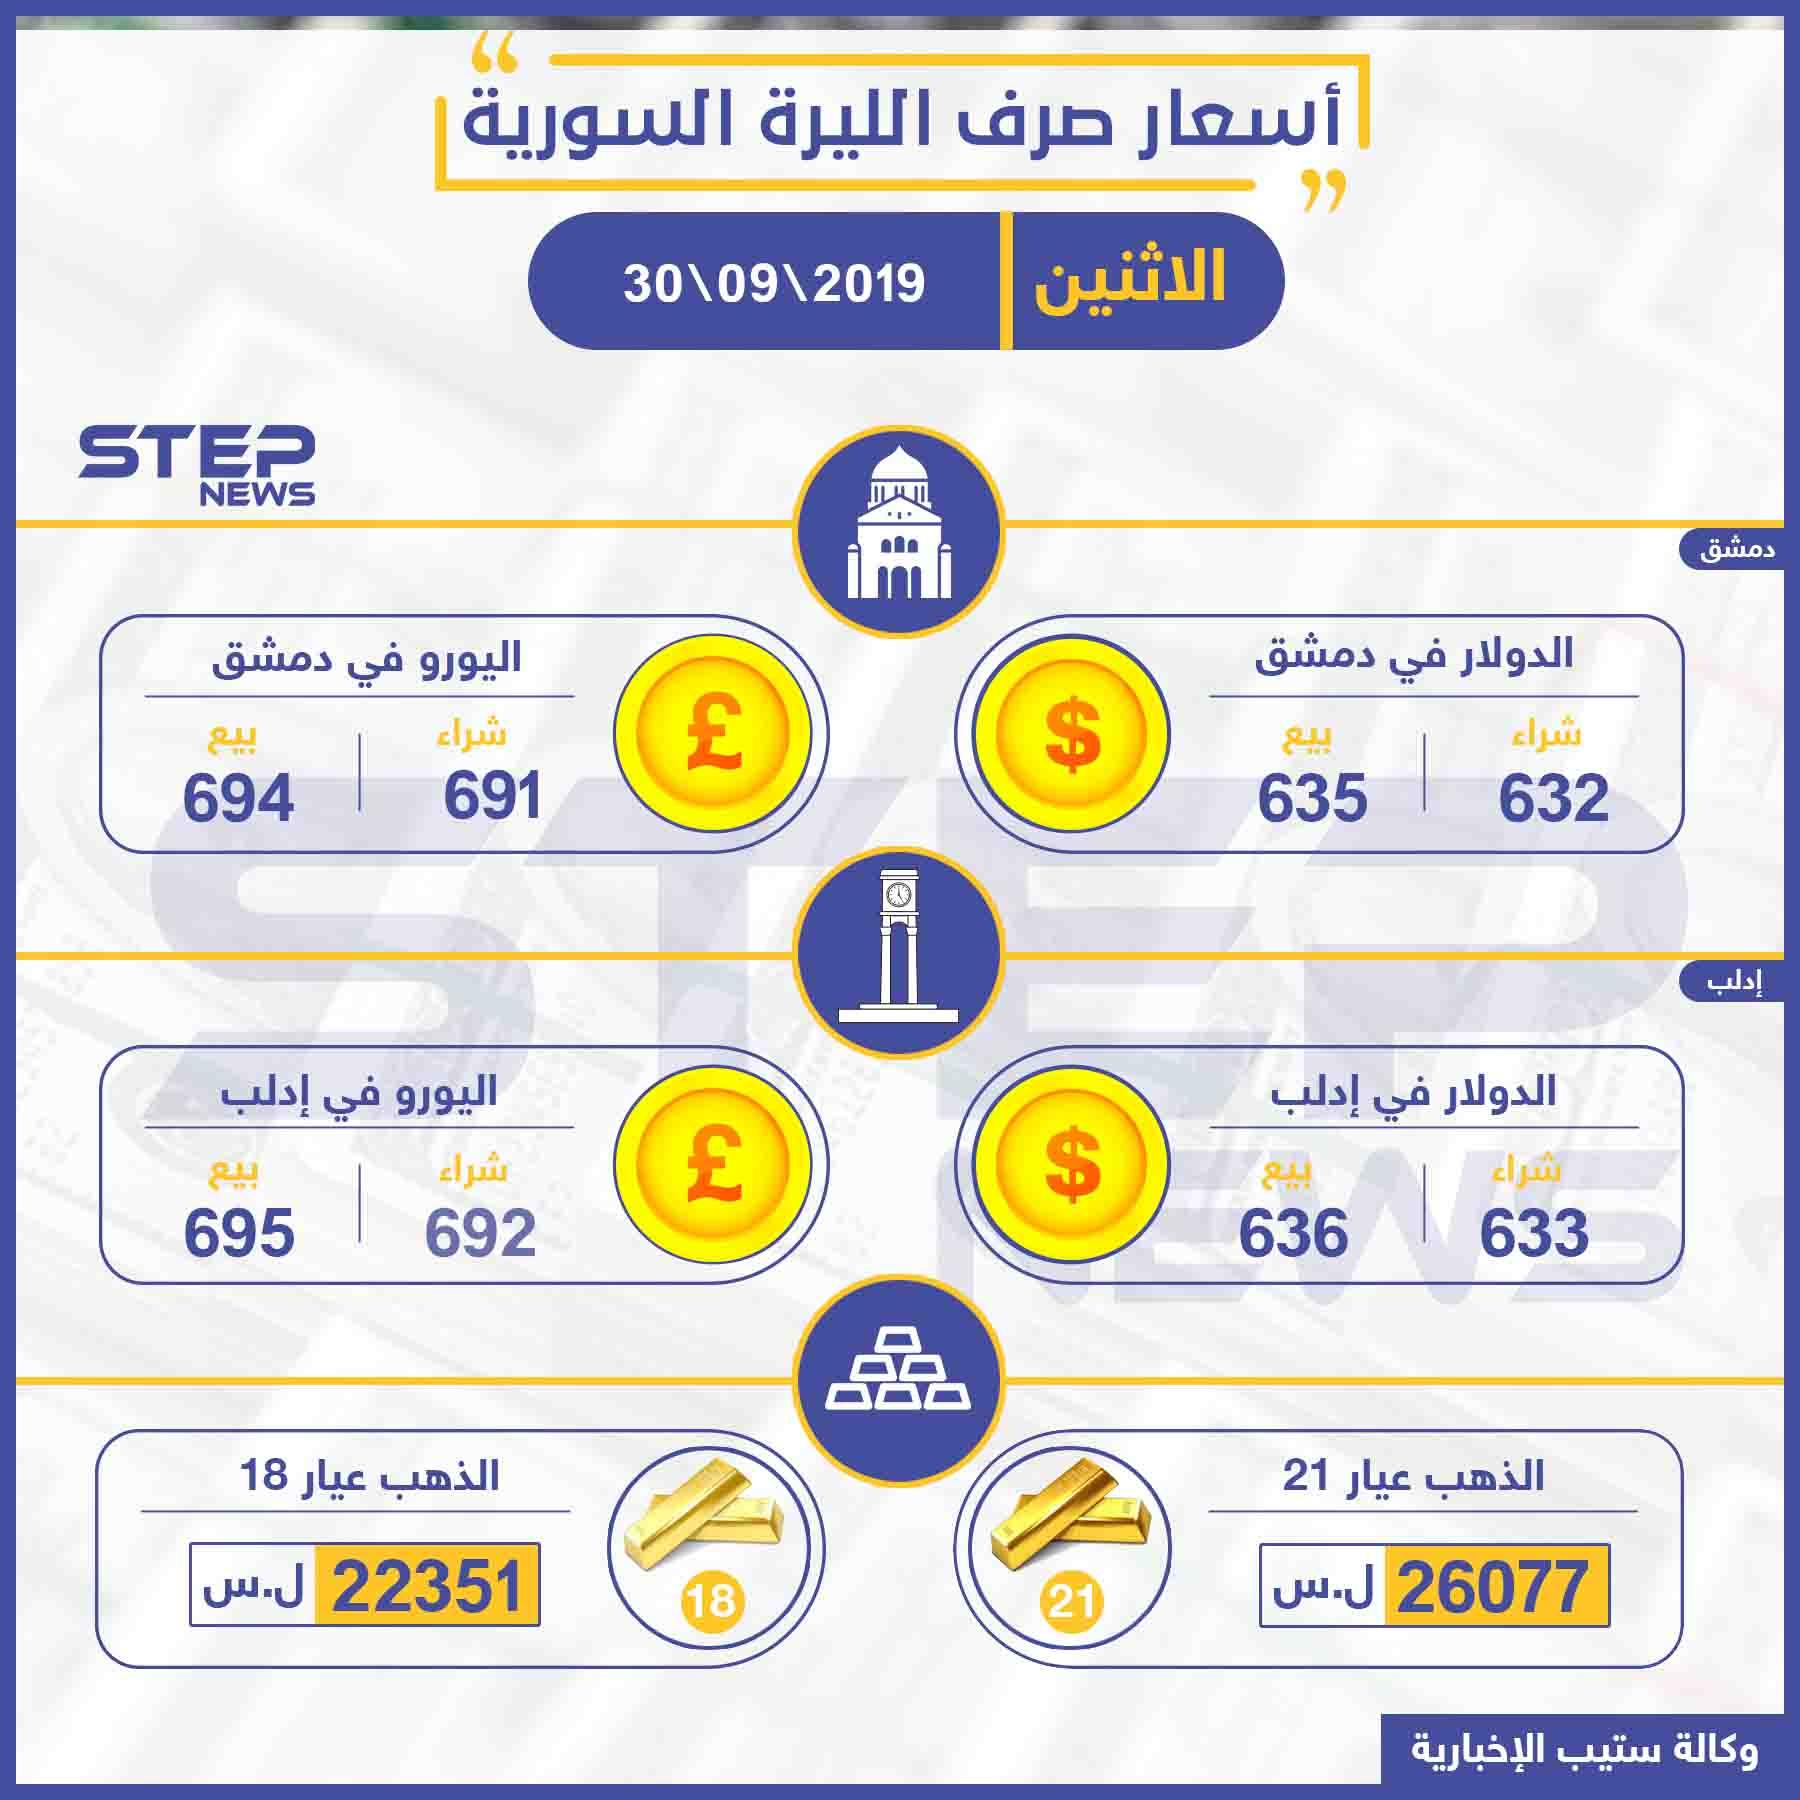 أسعار الذهب والعملات في سوريا اليوم 30-09-2019